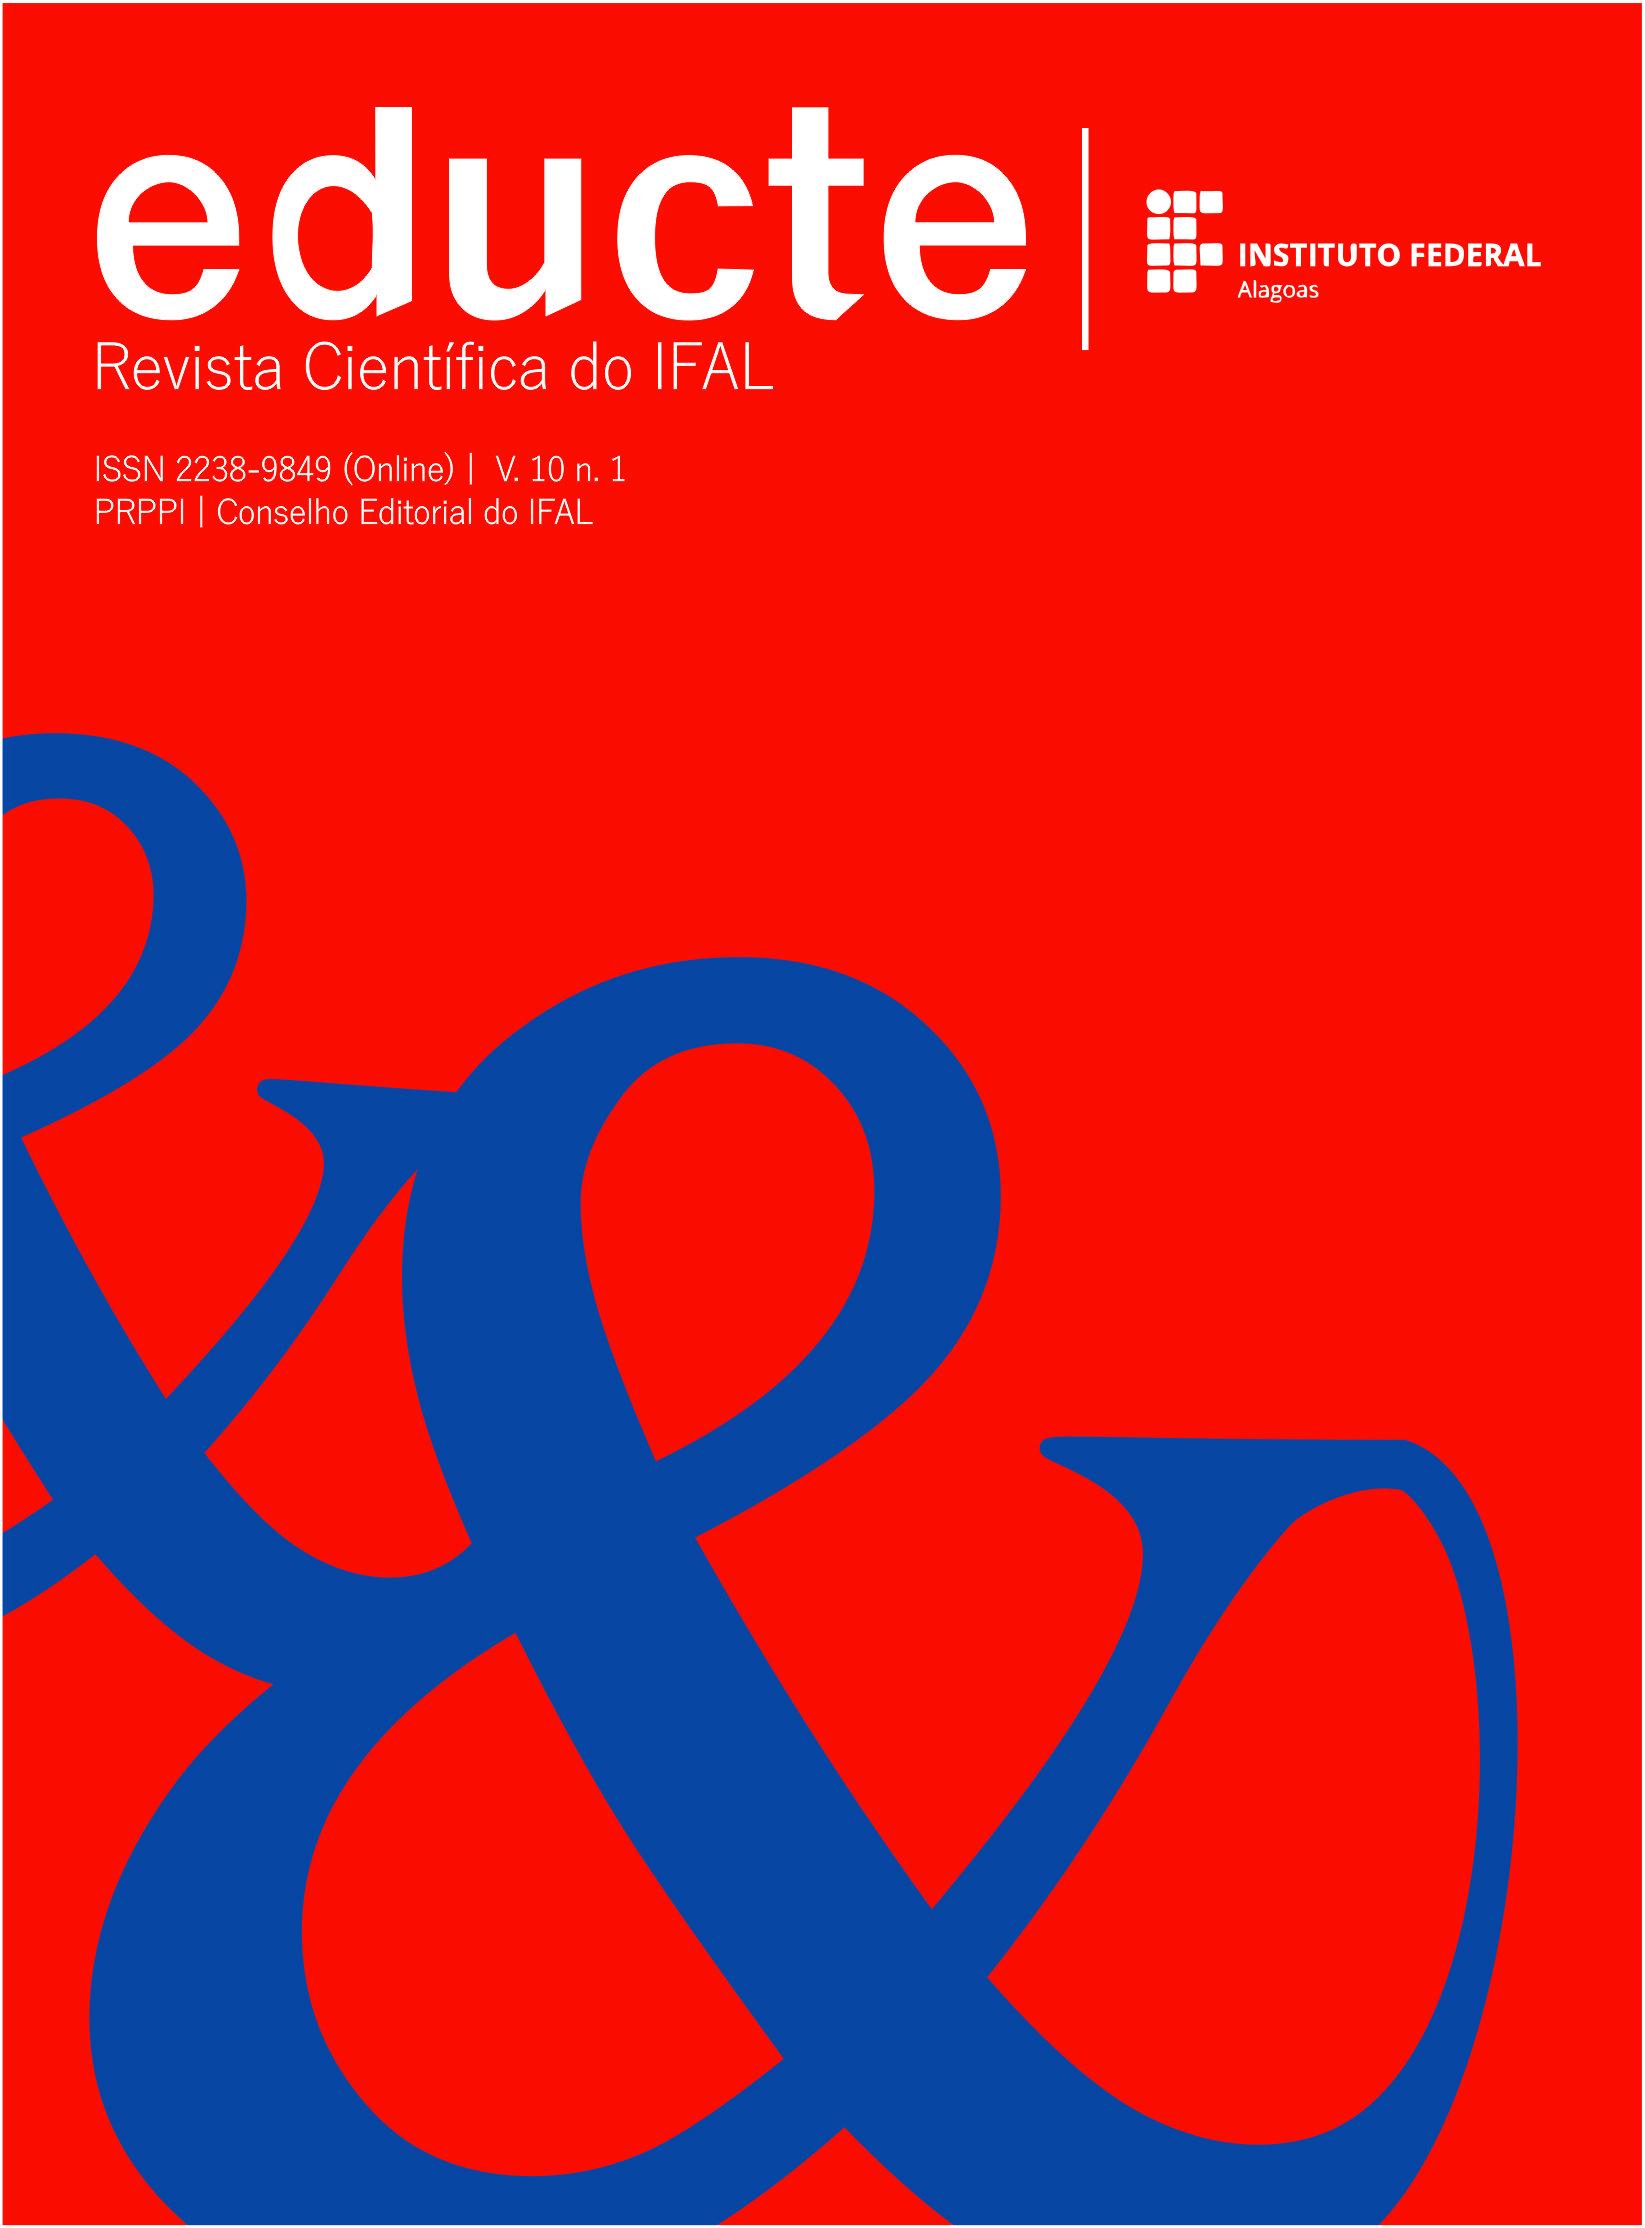 """Capa Educte volume 10. Imagem com os logotipos da revista Educte e do Instituto Federal de Alagoas na parte superior da imagem. Ocupando grande parte do corpo da imagem na parte mediana e inferior estão duas letras """"e"""" comercial."""